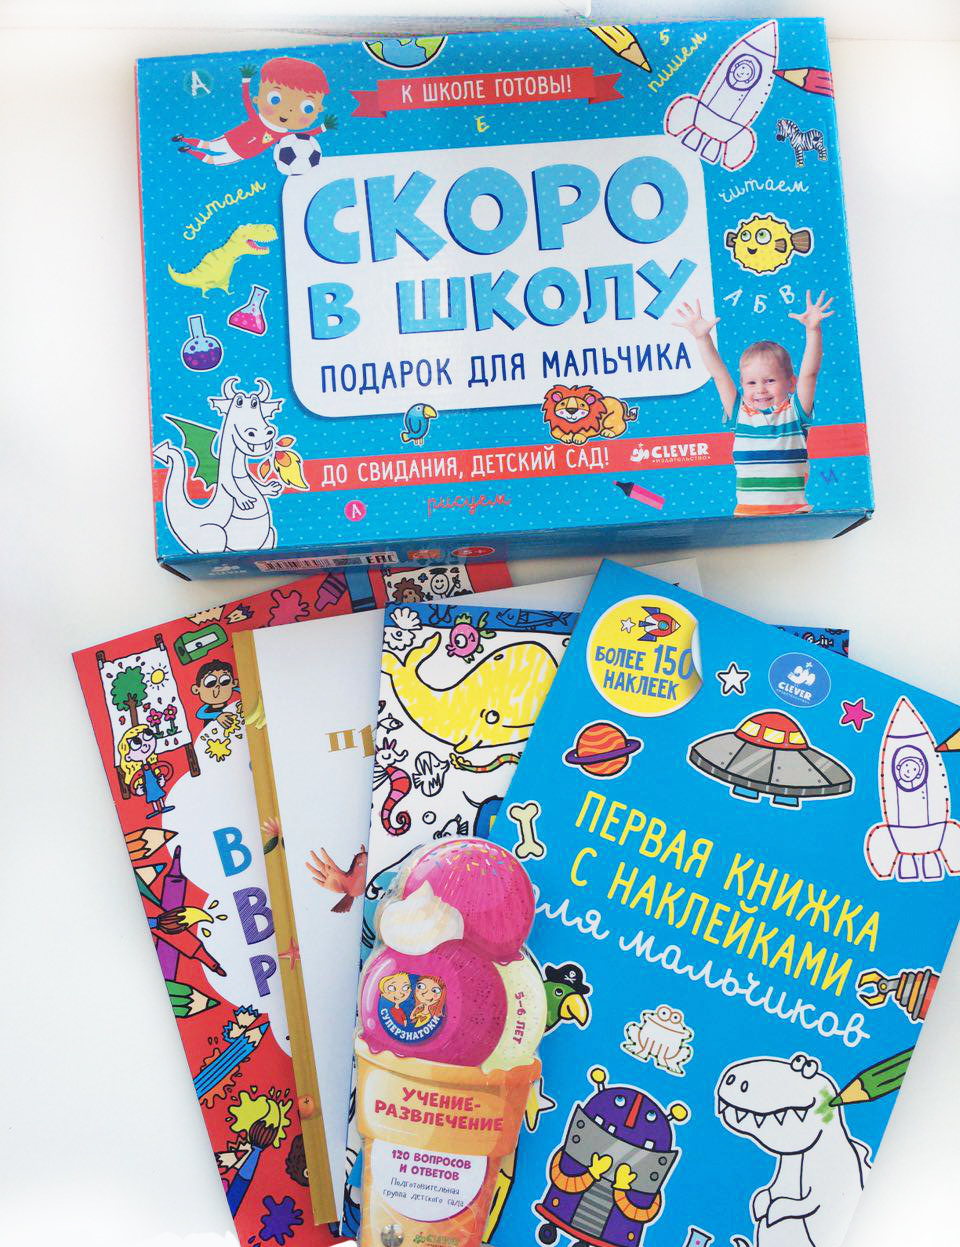 Скоро в школу подарок для мальчика комплект из 5 книг